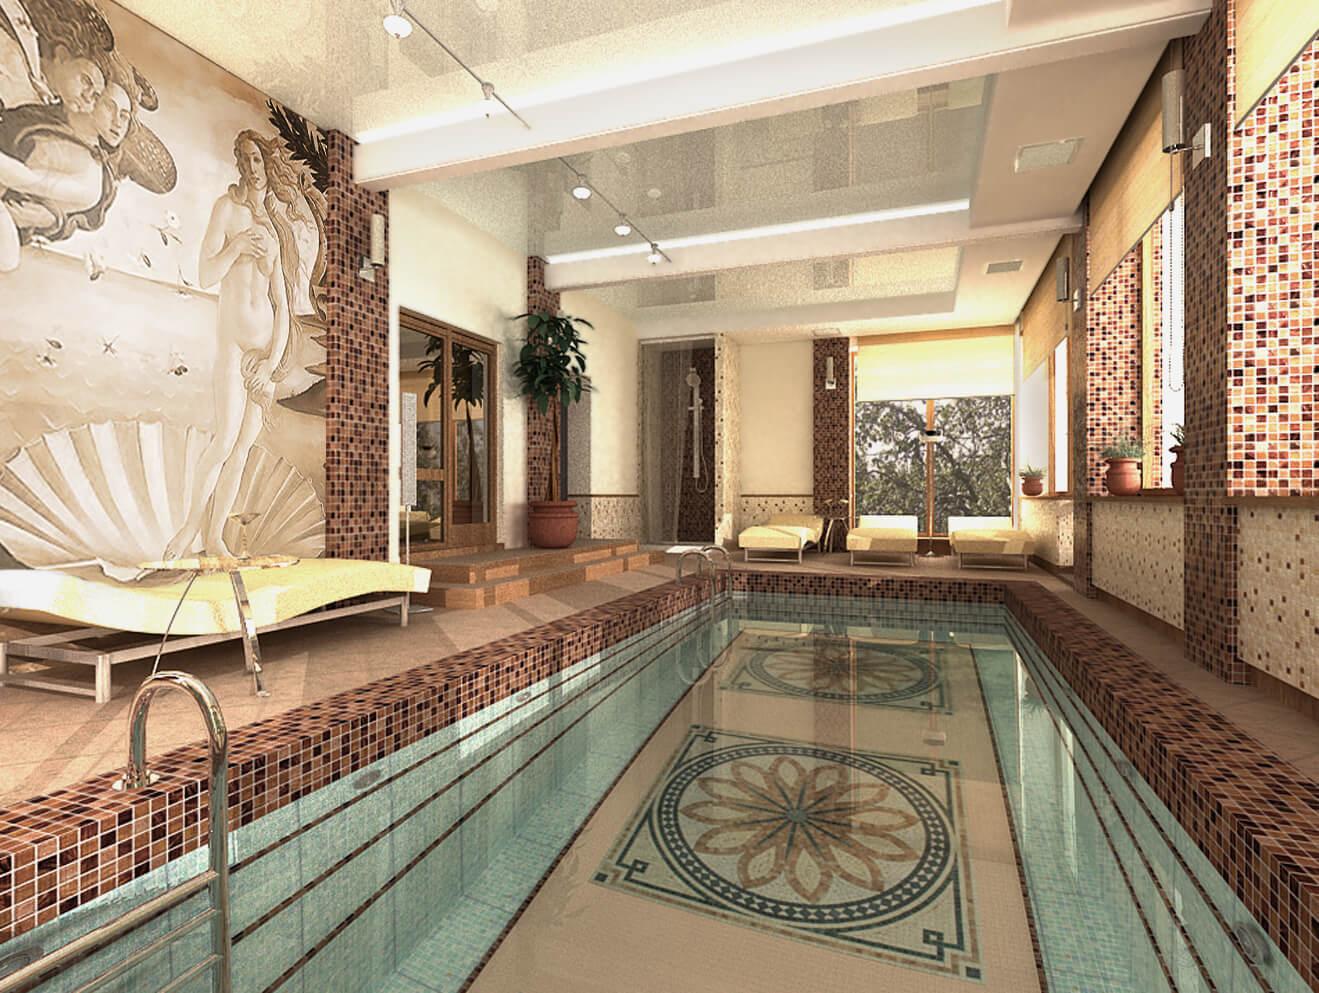 фотография бассейн в коттедже дизайн фото были названы